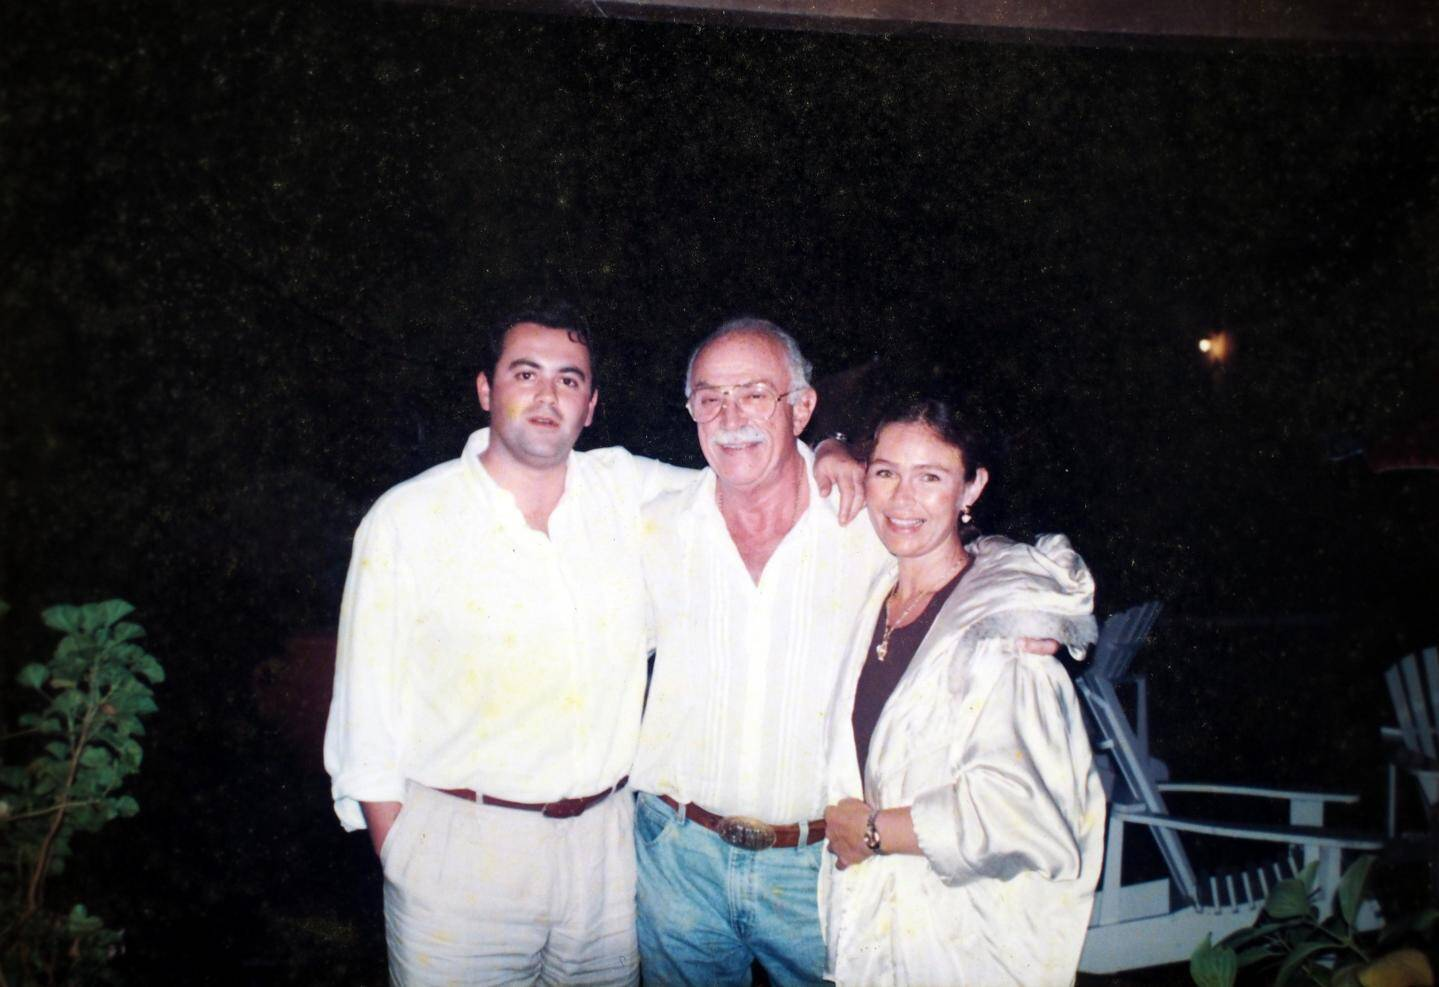 En 1995, à Punta Del Este : Jacquou entre Olivier Bettati et sa dernière épouse, Bita.